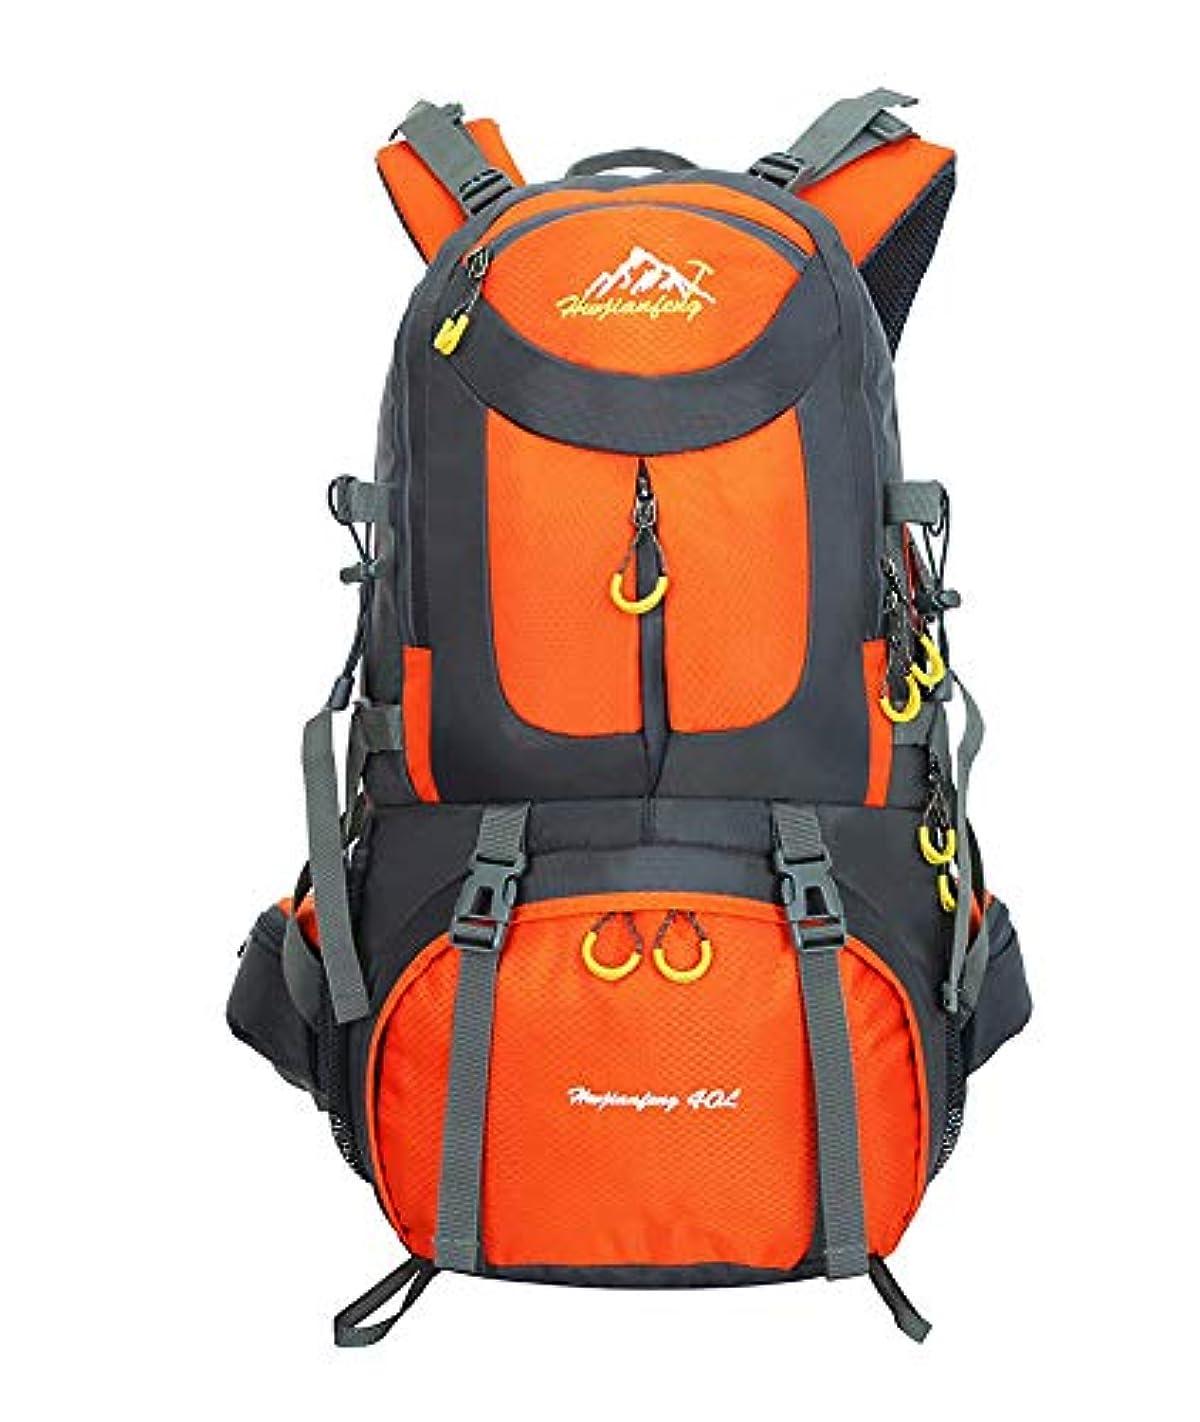 初期スリーブ妖精登山リュック 女性 男性 大容量 防水 登山用ザック リュック 旅行バッグ キャンプ アウトドア スポーツ ハイキング バックパック